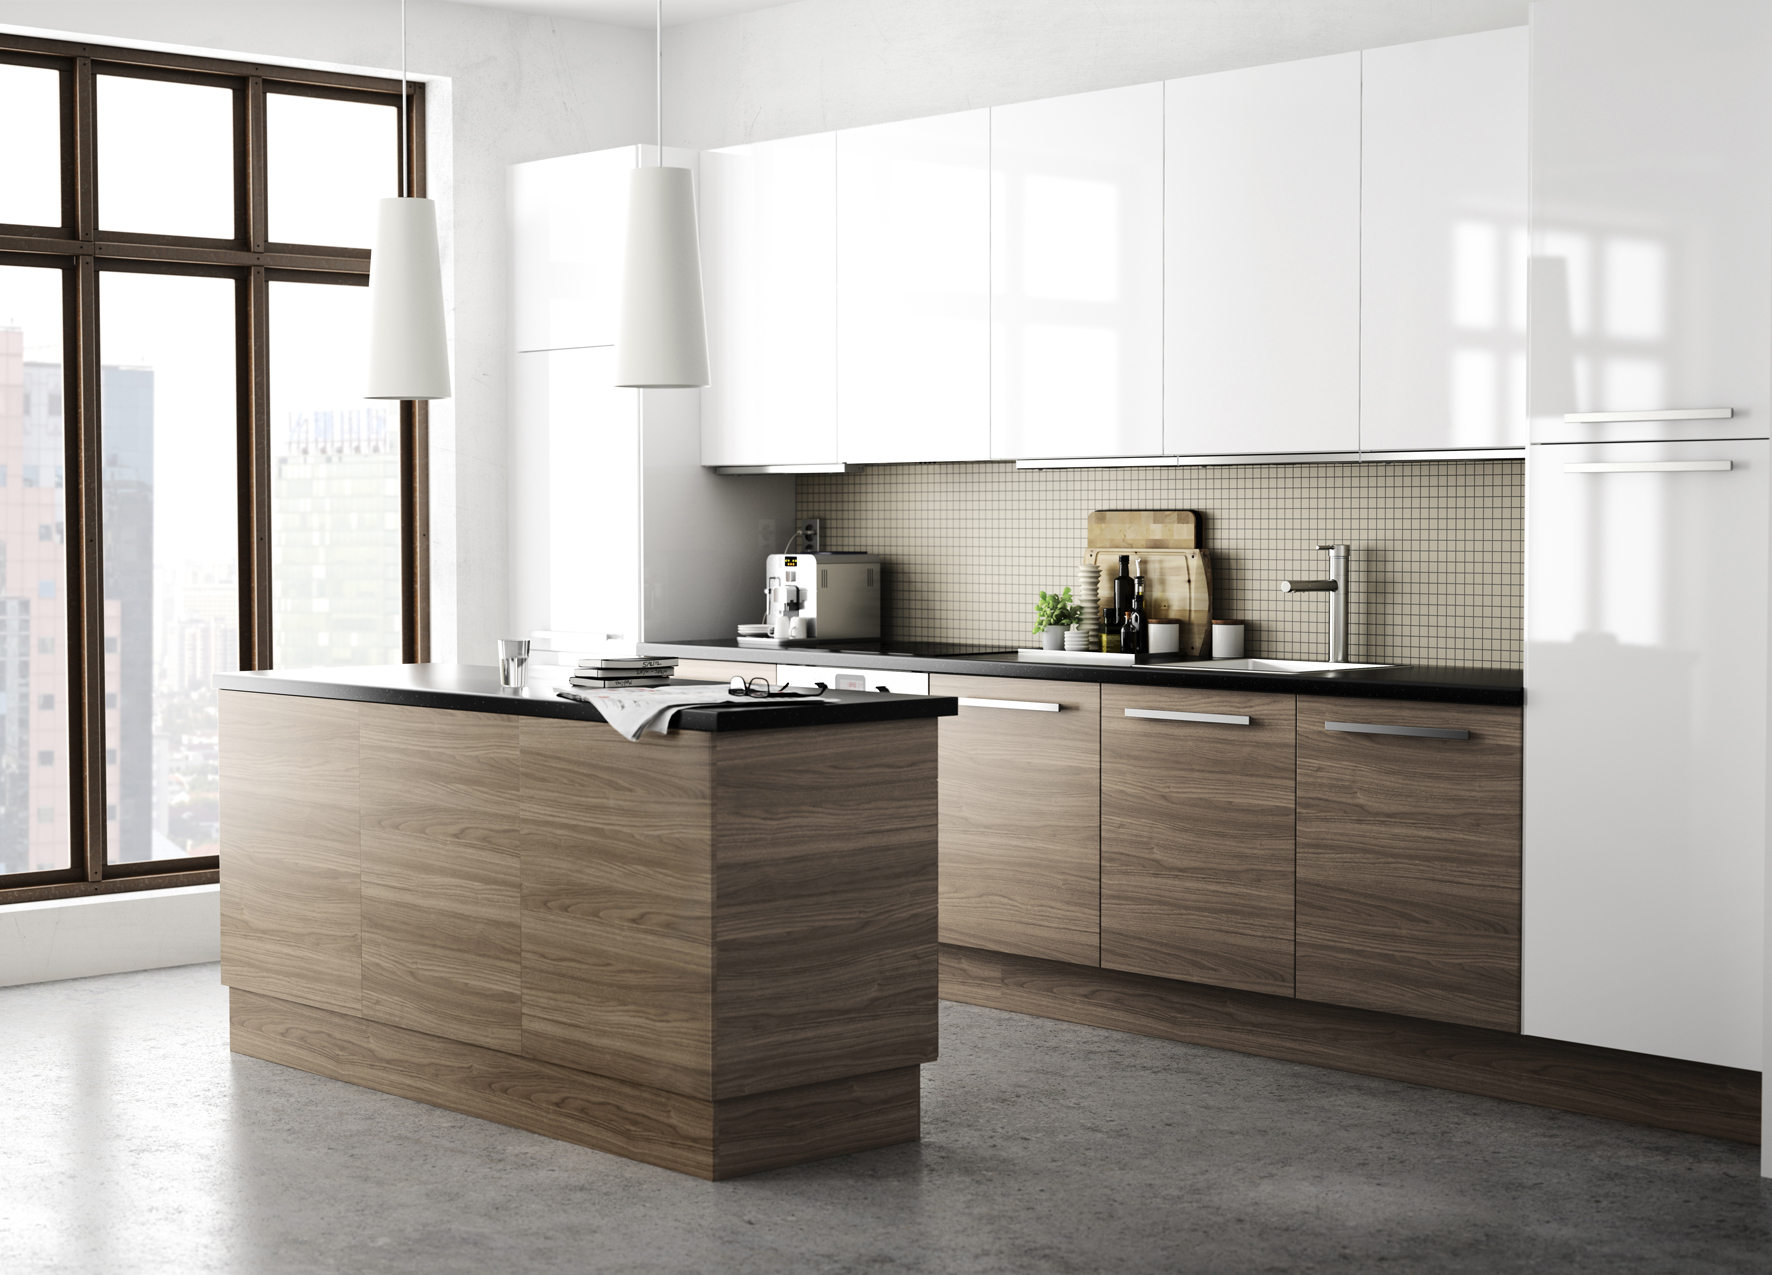 mooie korting op ikea keukens faktum nieuws startpagina voor keuken idee n uw. Black Bedroom Furniture Sets. Home Design Ideas